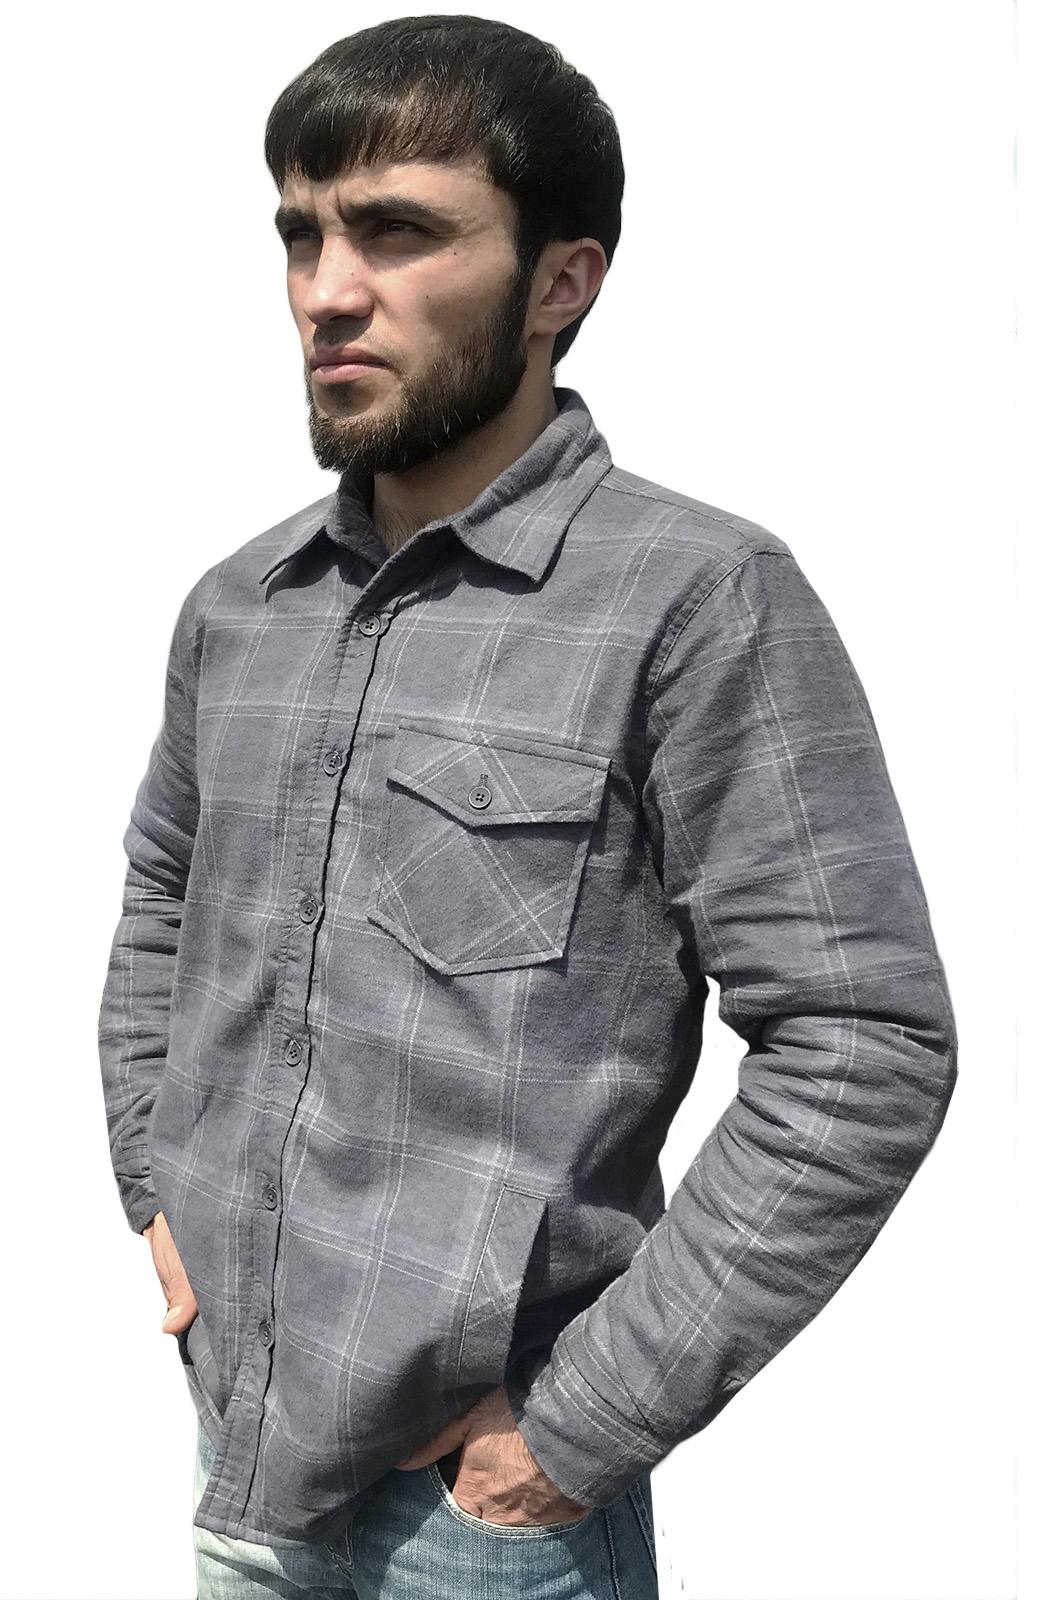 Рубашка серая с нашивкой 3-я ОБрСпН ГРУ купить в подарок